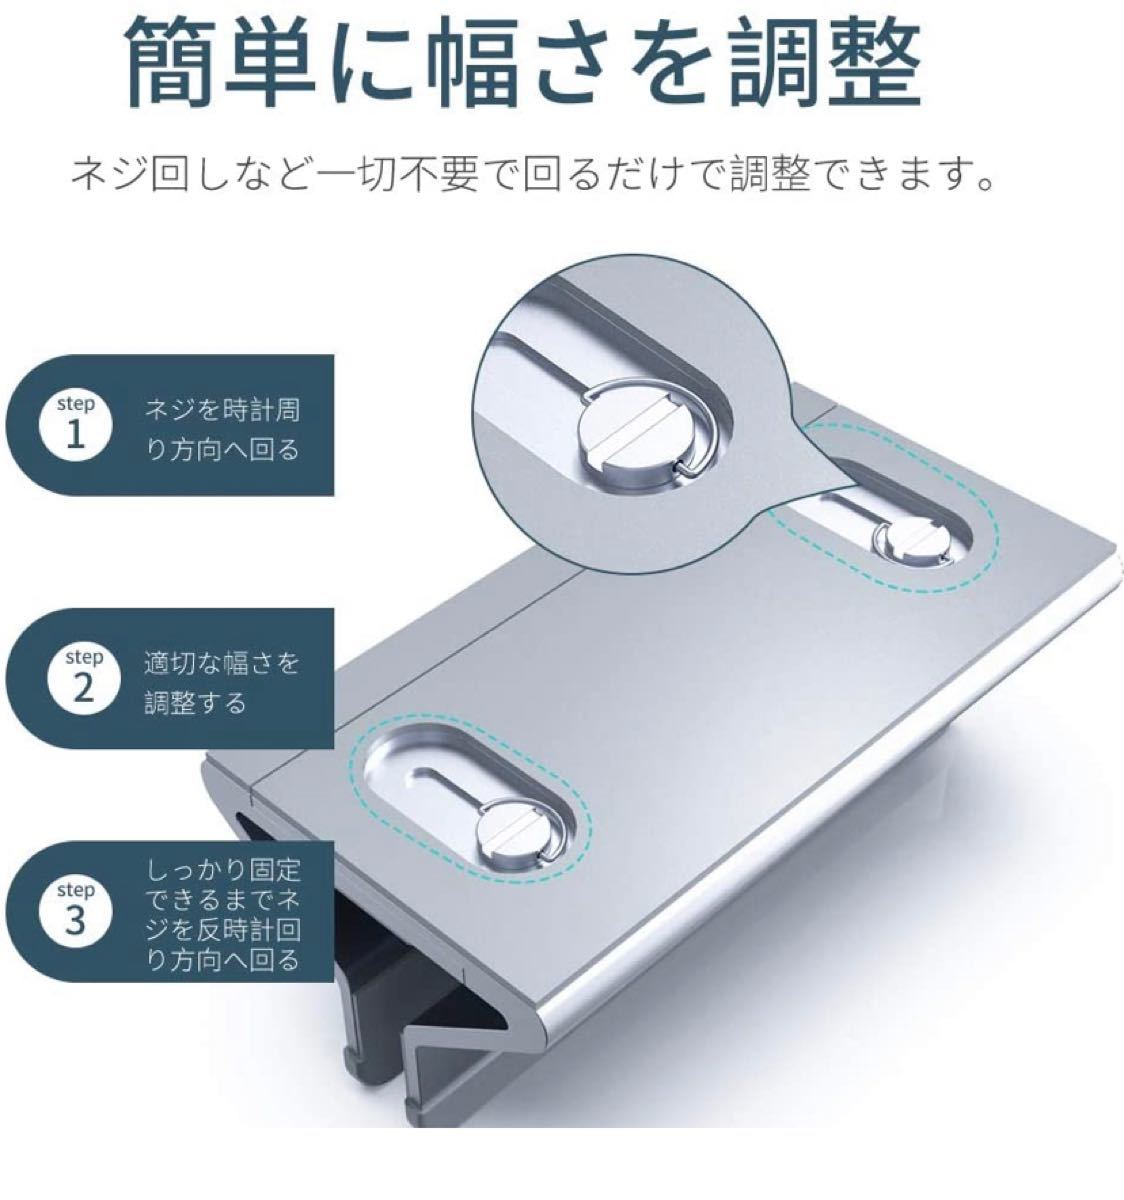 ノート パソコン スタンド pc横置き 滑り止め 11~35mm調整可能